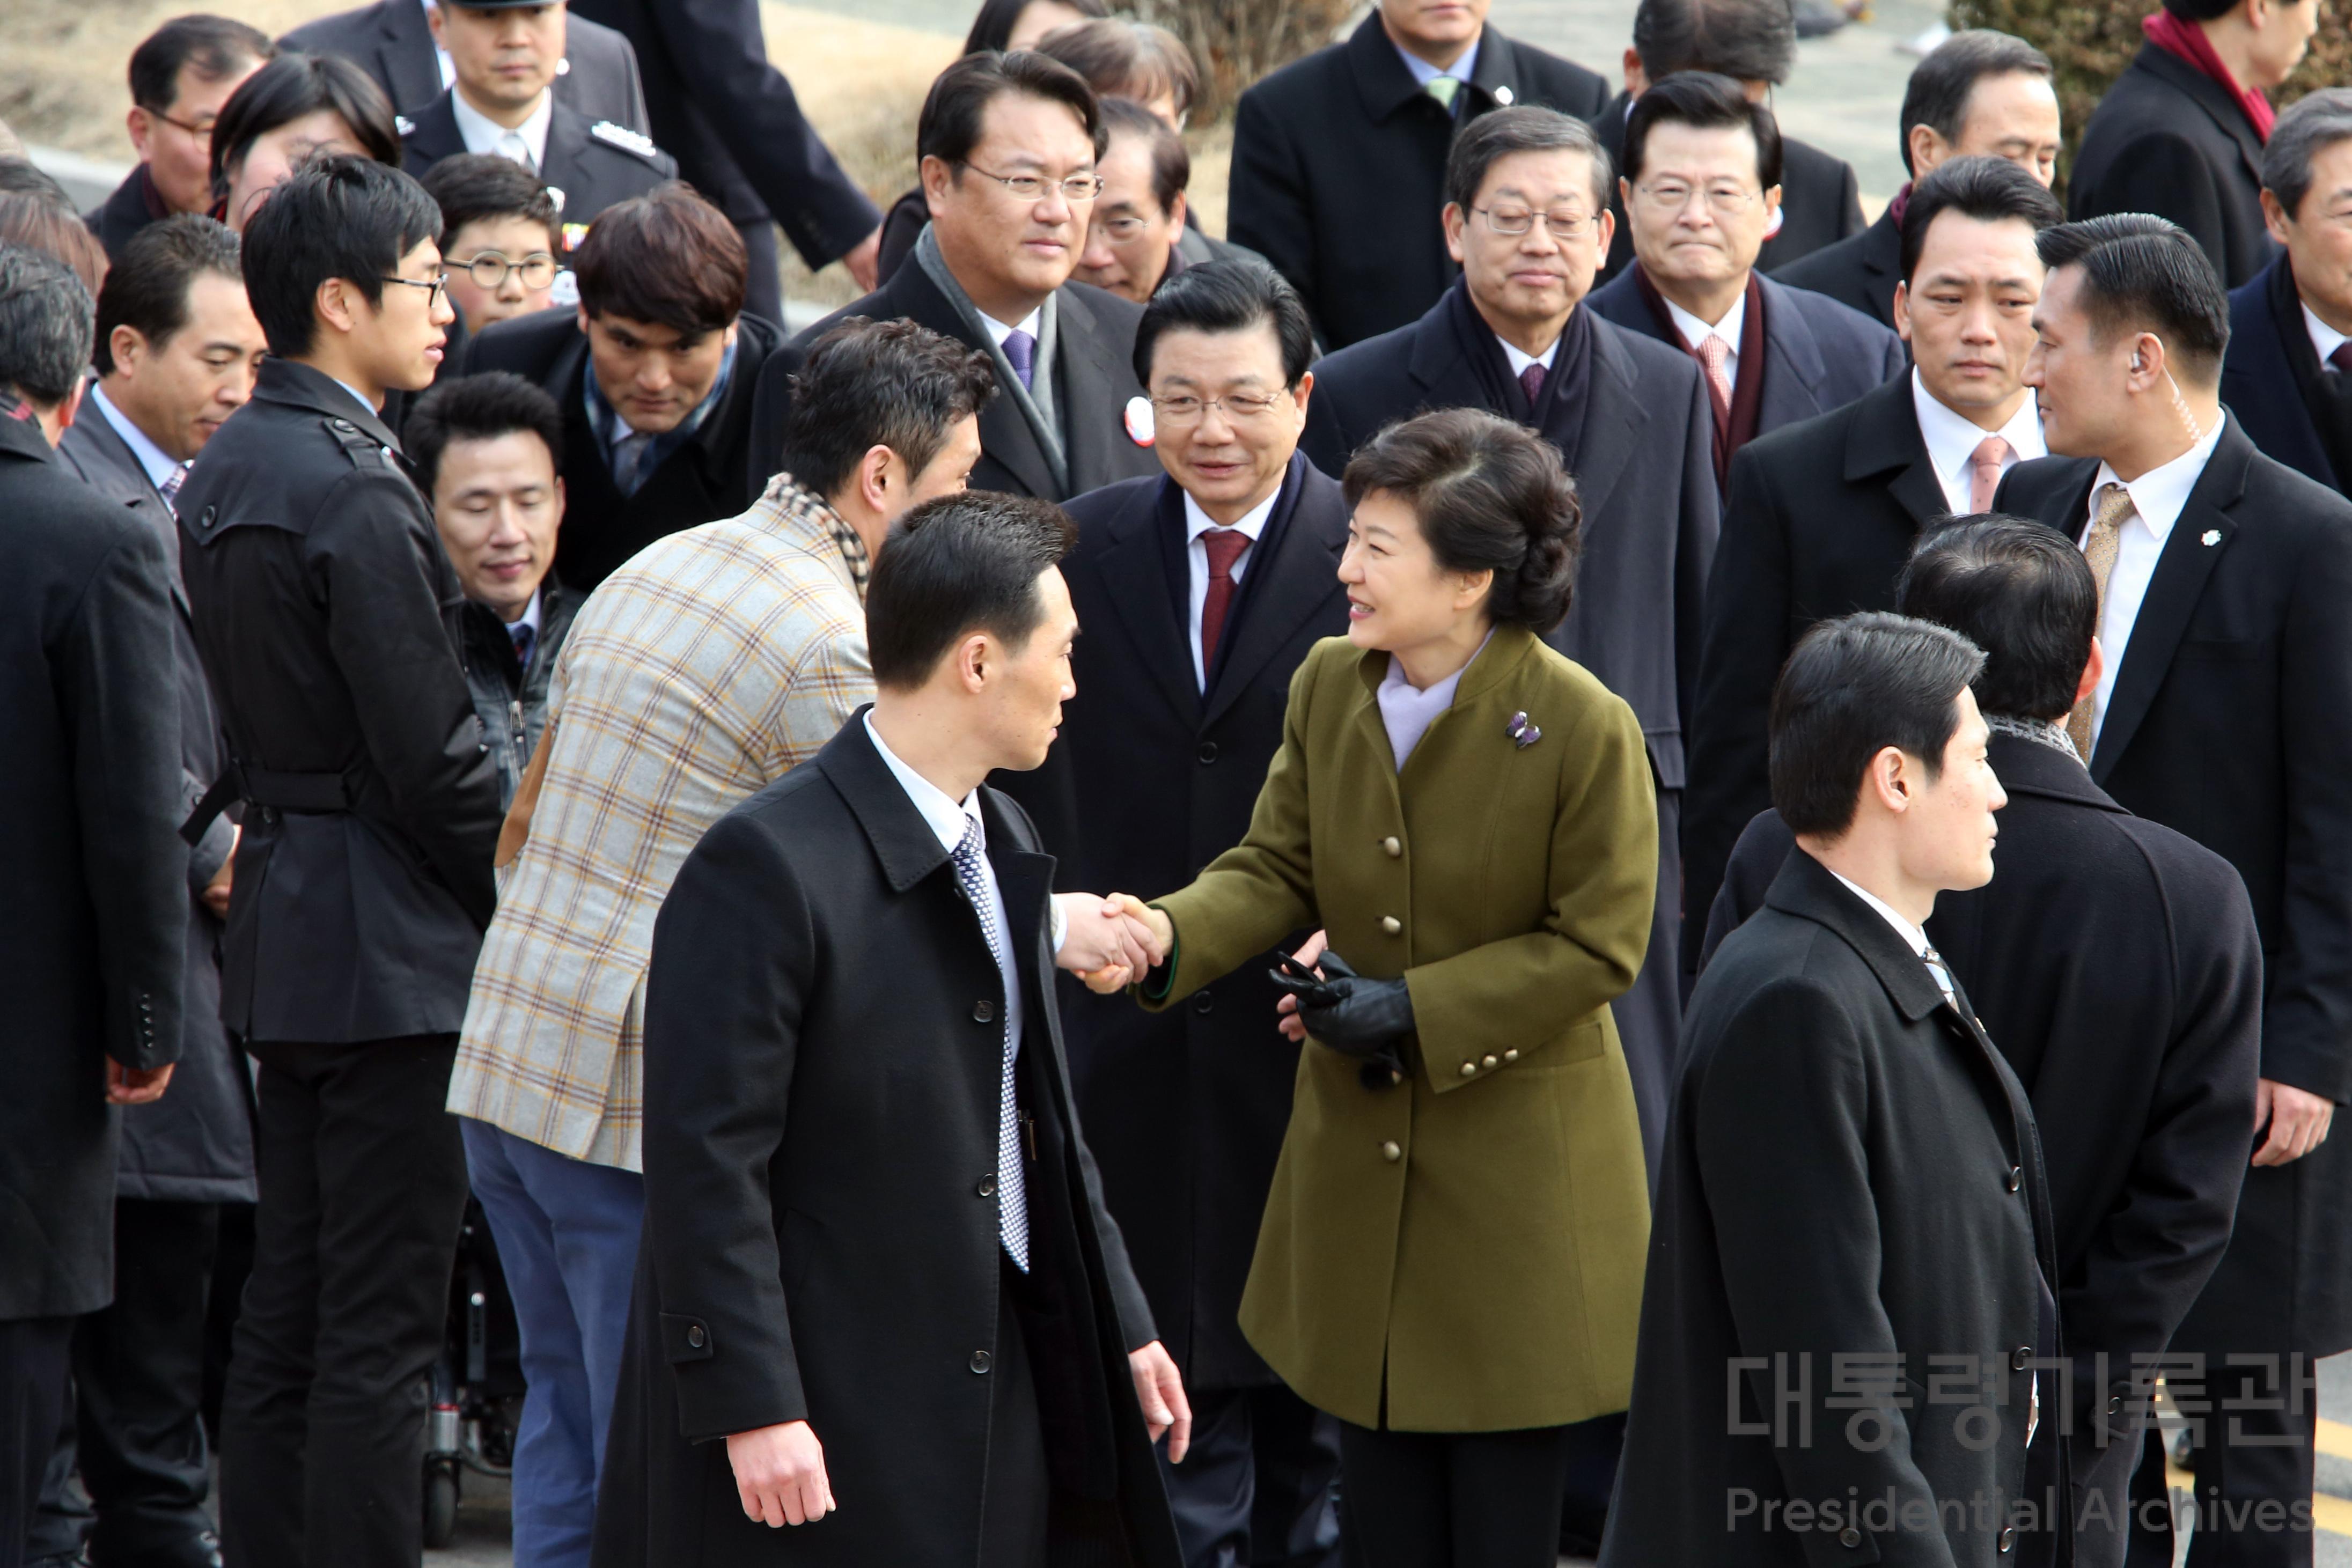 제18대 박근혜 대통령 취임식장 입장 사진